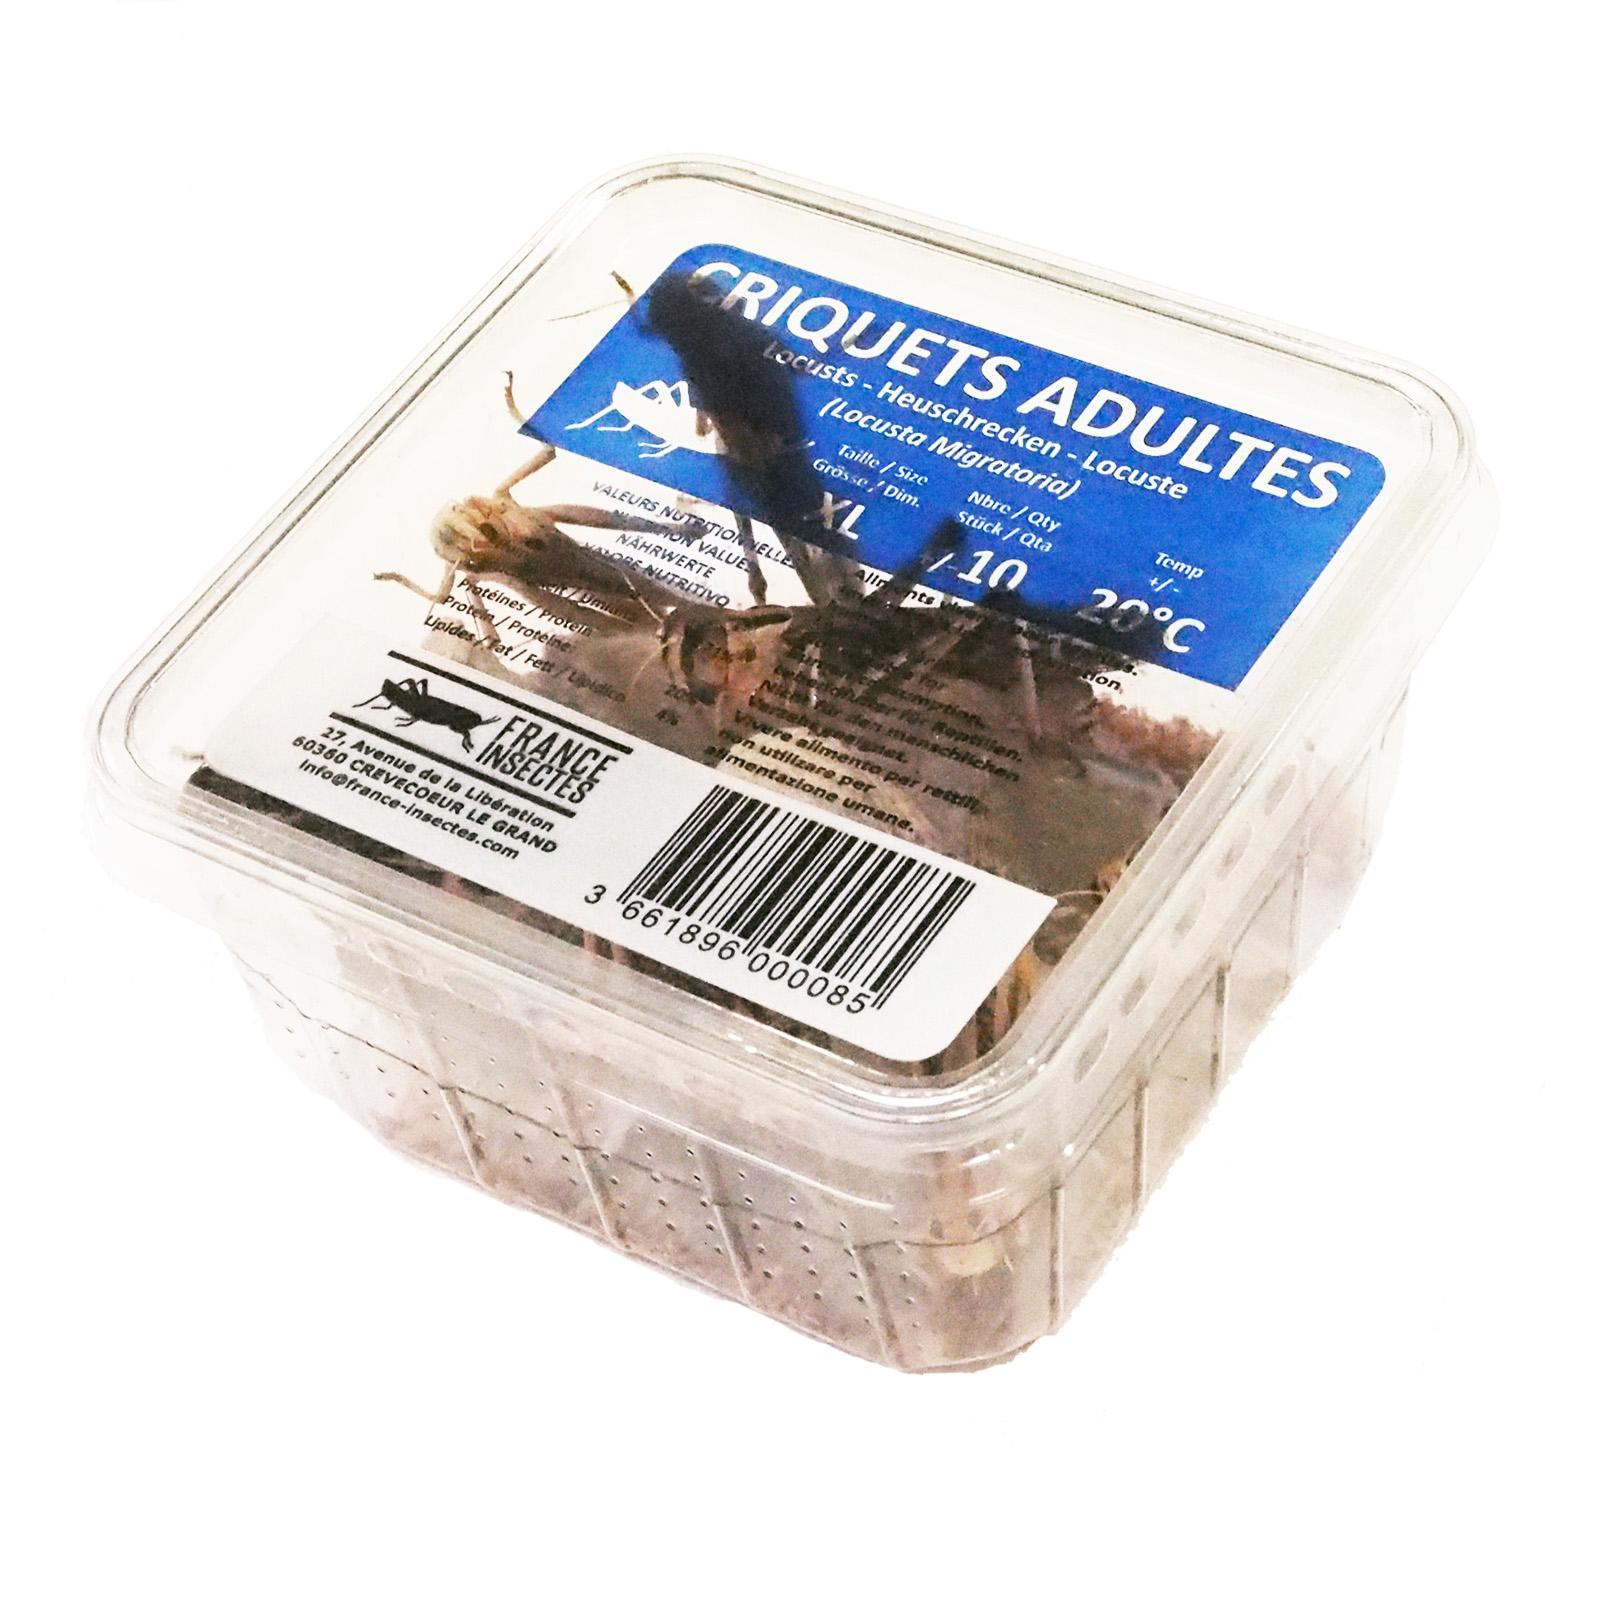 Boite criquets migrateurs ADULTES